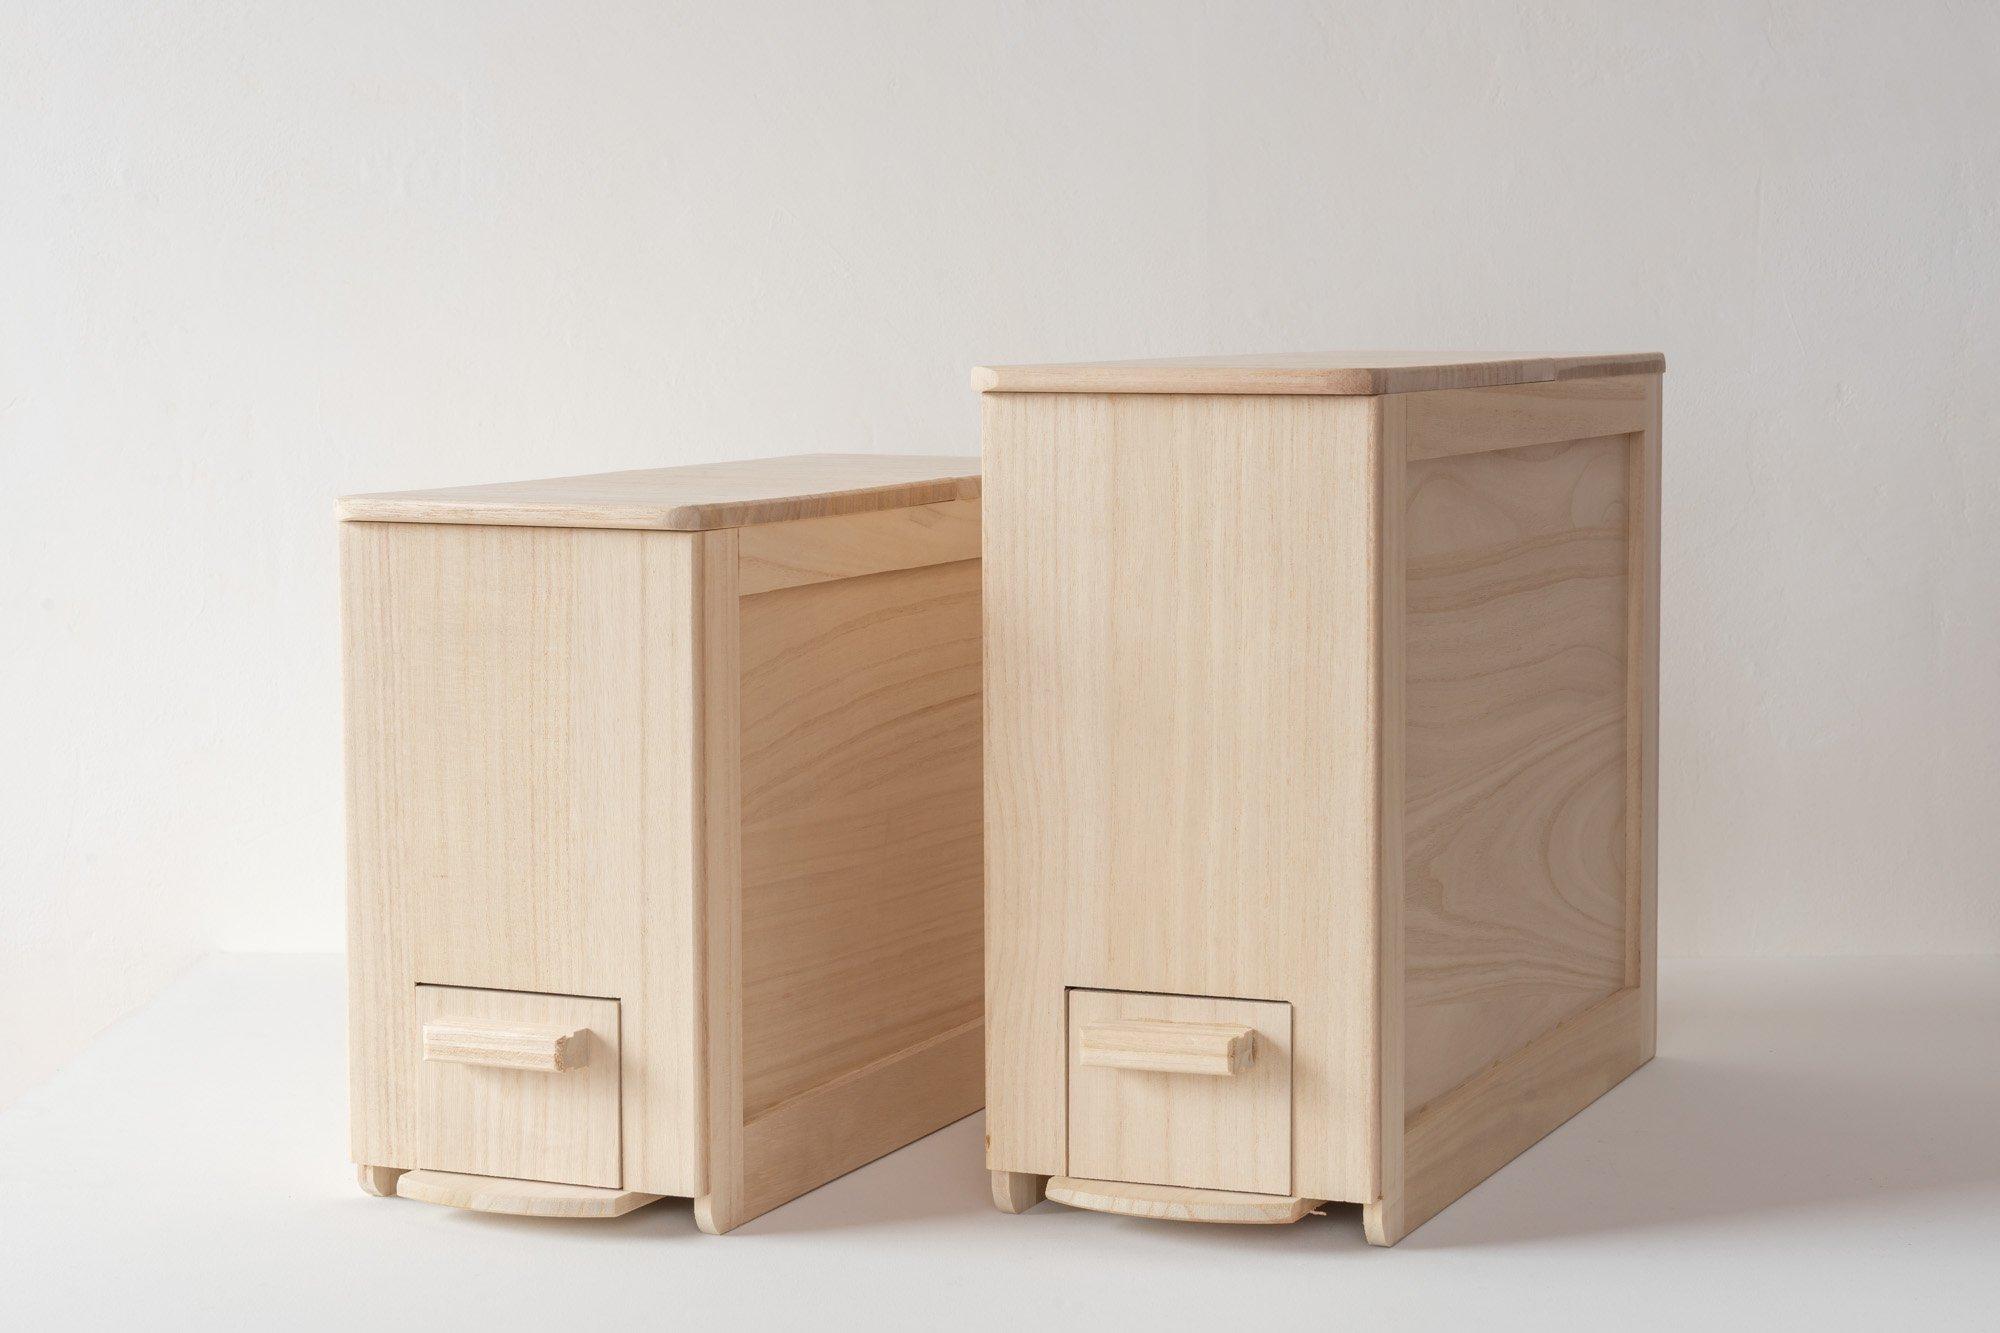 桐箱屋さんの米びつ